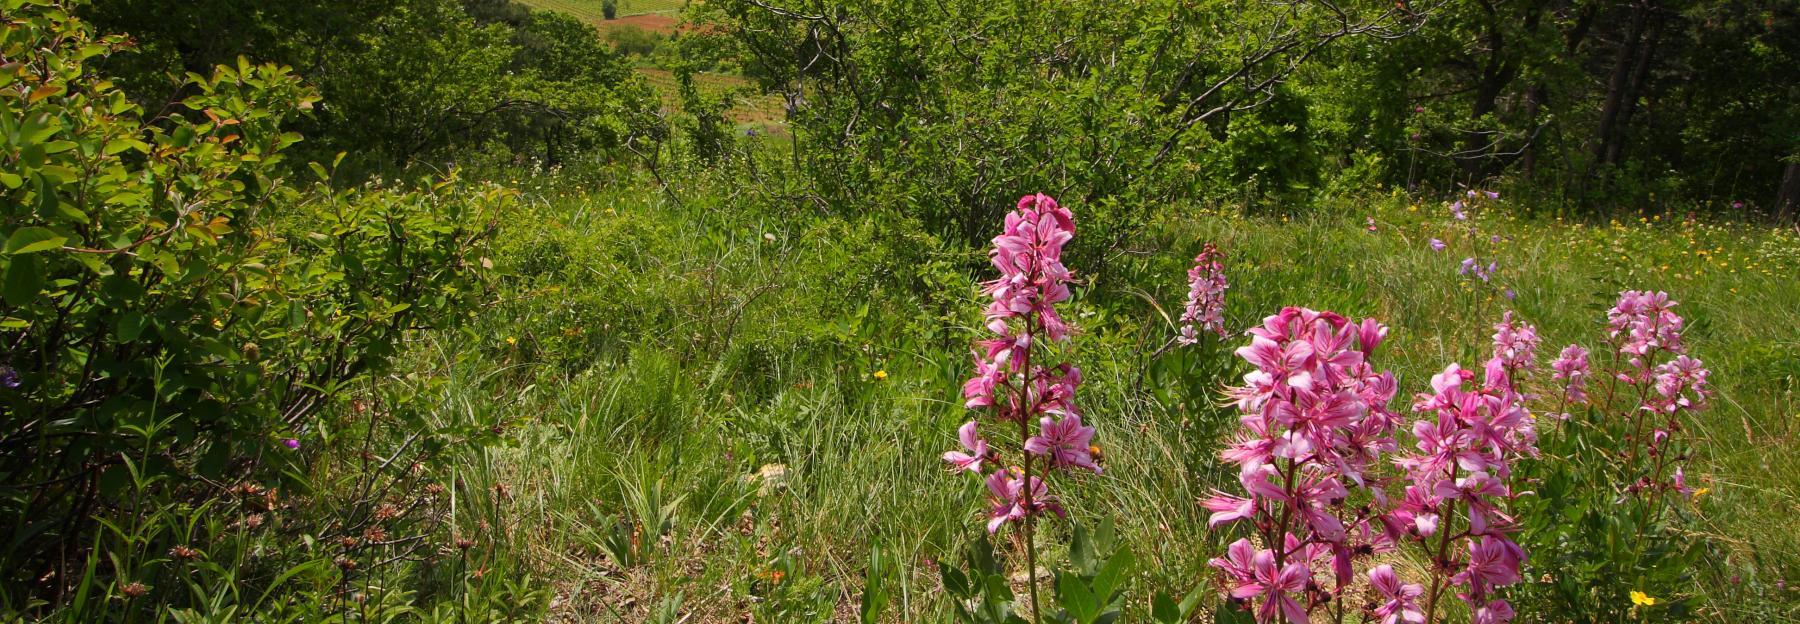 Flora Region Thermenlinie Wiener Becken Niederosterreich Bluhendes Osterreich